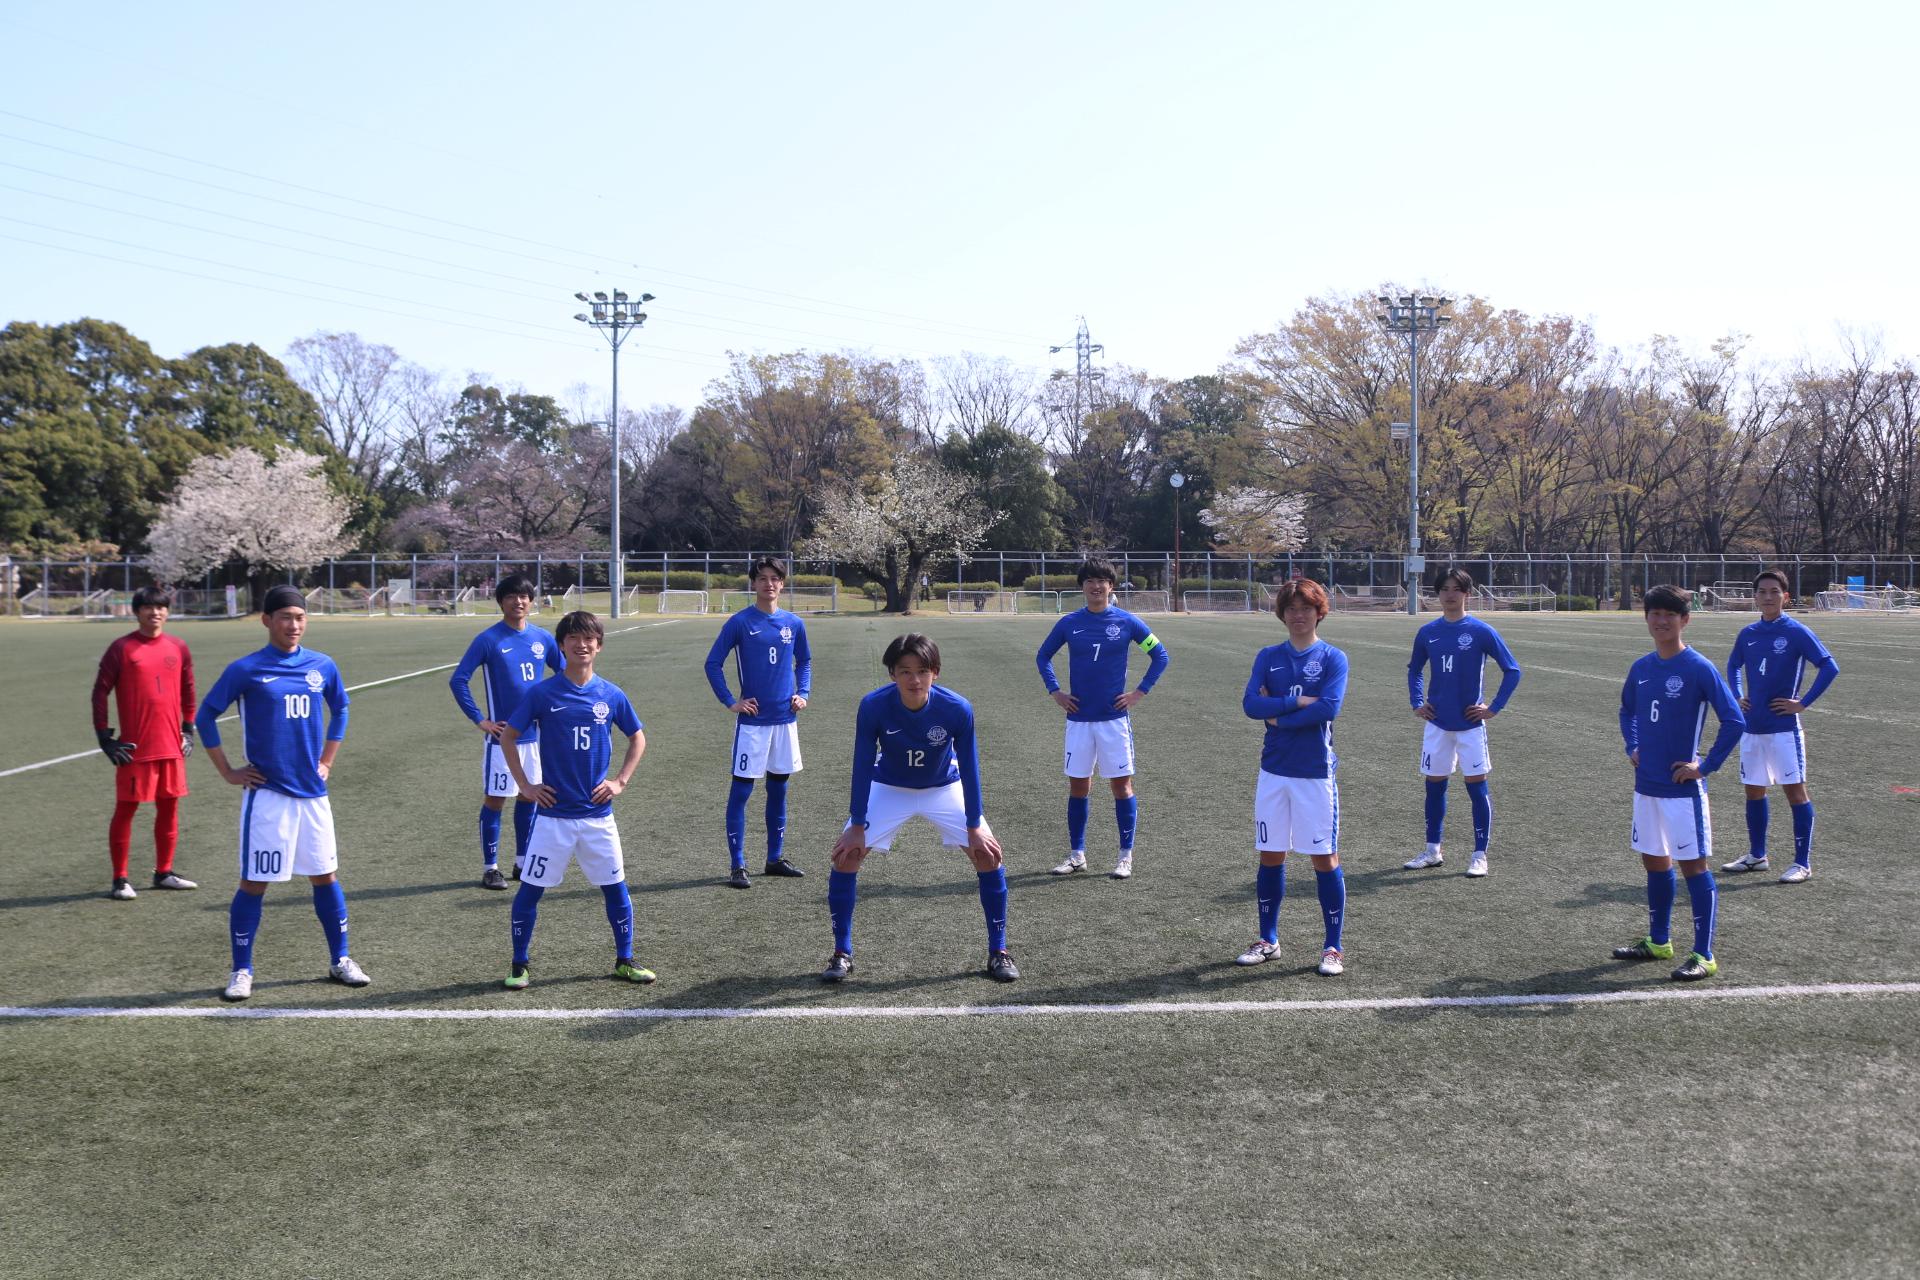 2021/3/12(金)・15(月)・16(火) FOOTBALL COMPETITION 2021【学年別ROUND】2年生